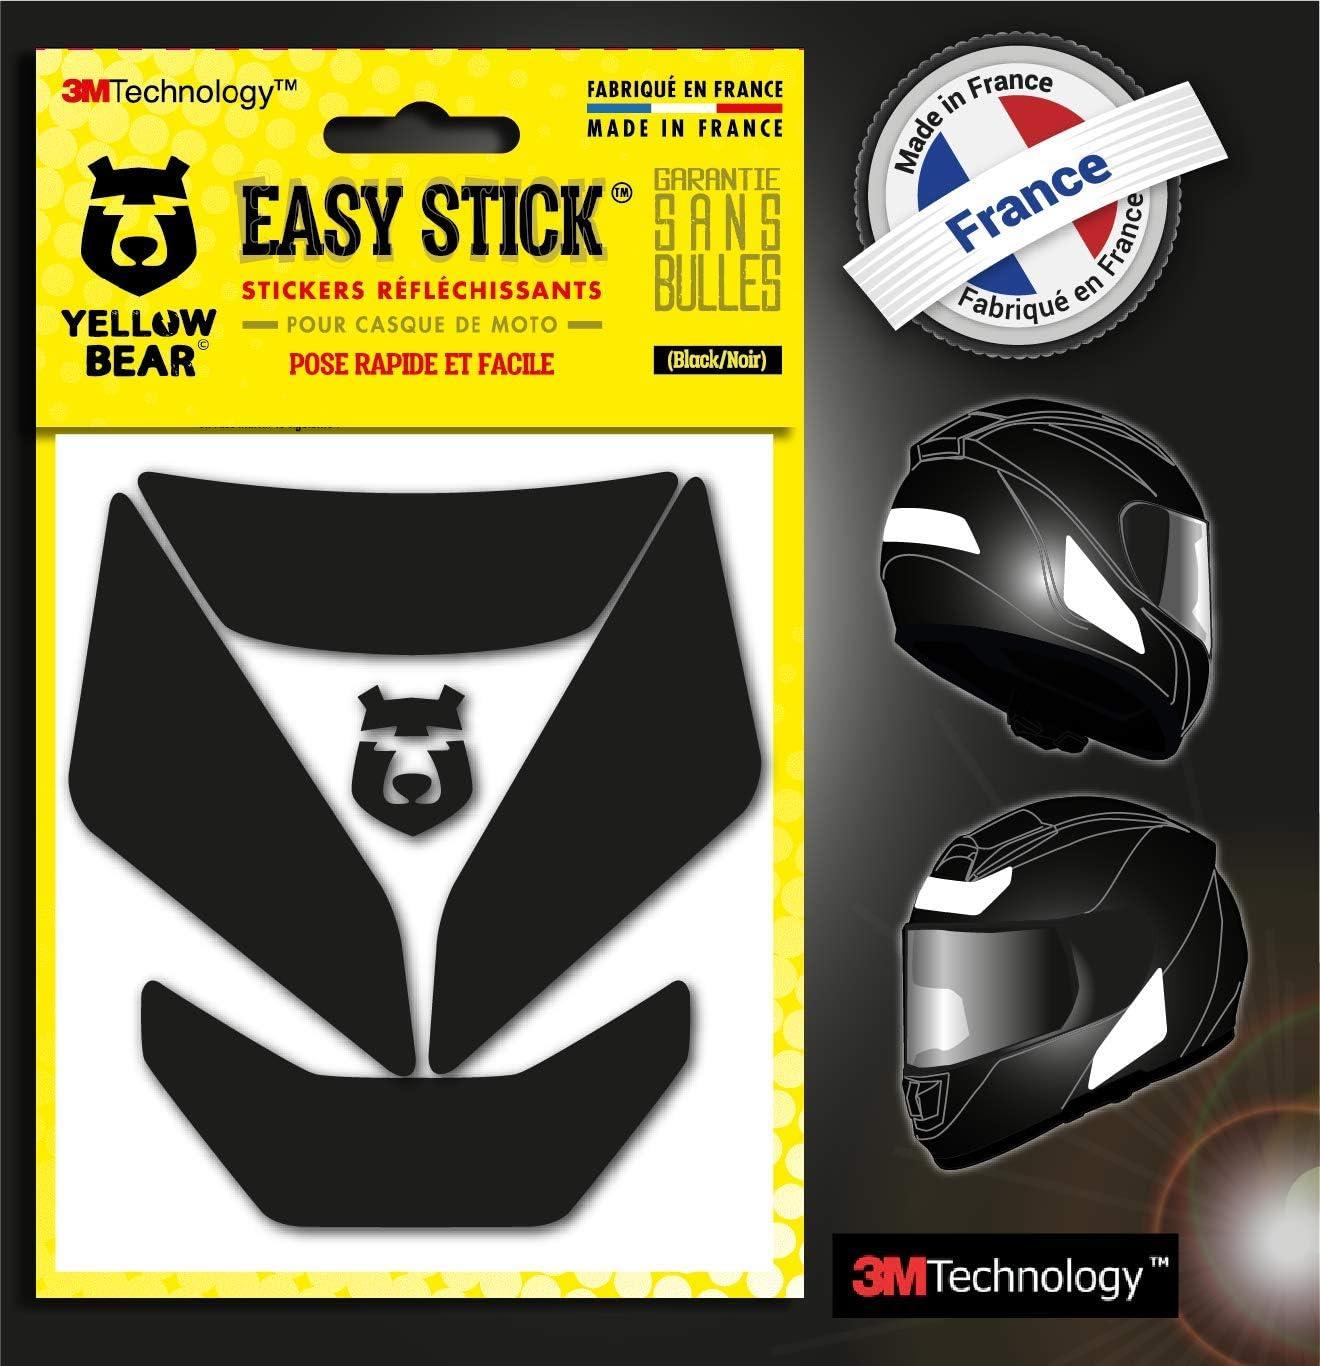 Yellow BearTM Easy Iron Color Negro tecnolog/ía 3MTM Juego de 4 Pegatinas Reflectantes para Casco de Moto 3MTM